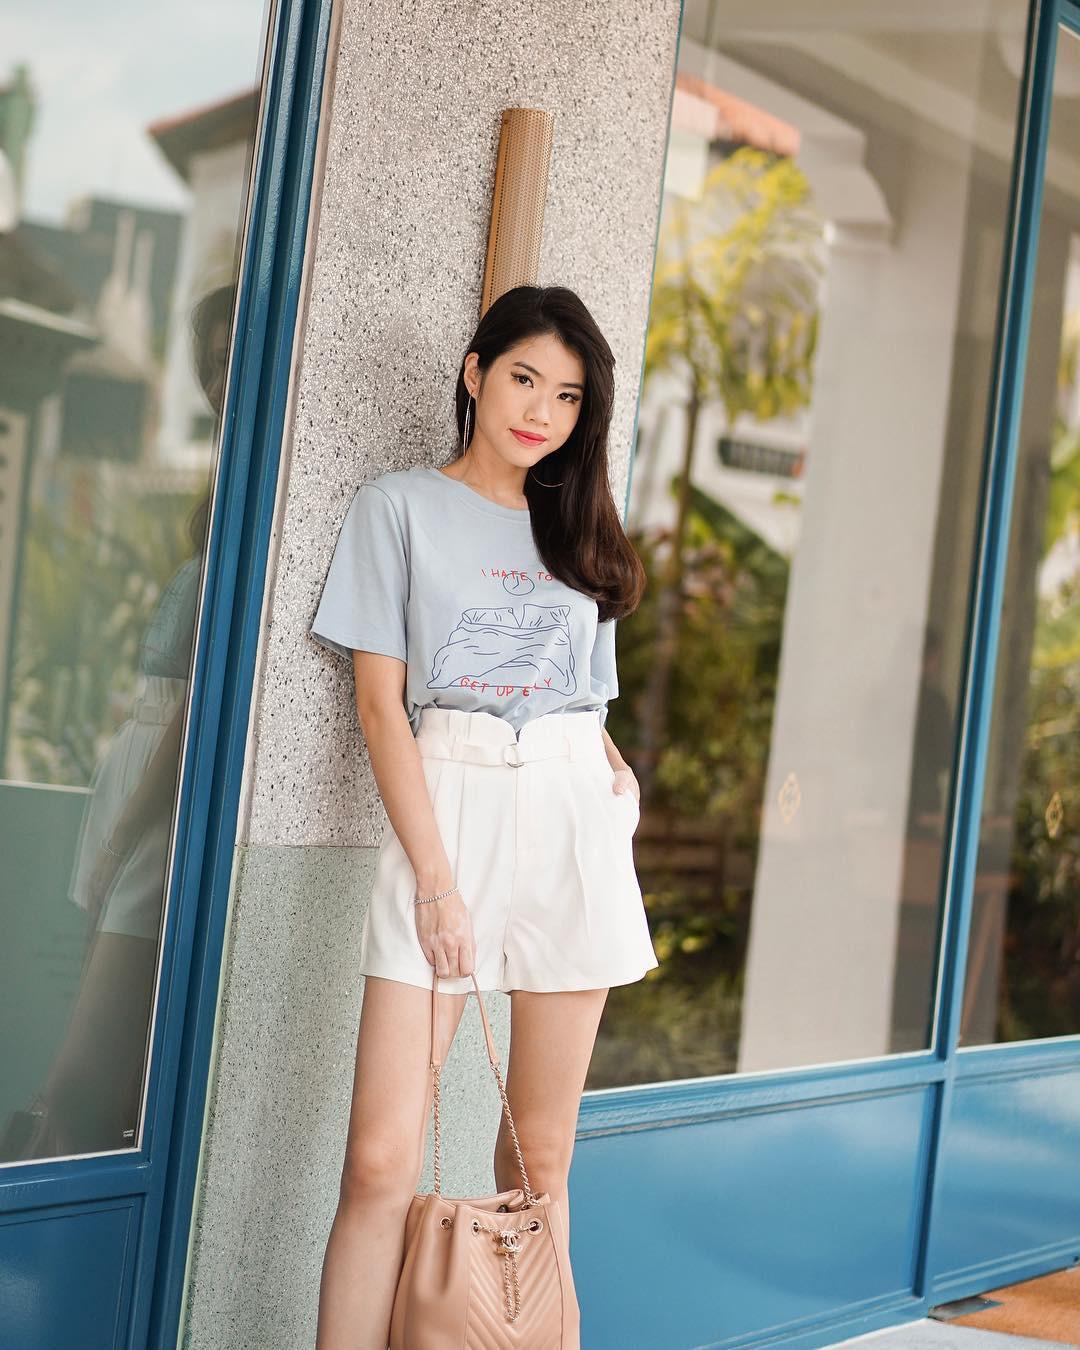 Như một thói quen: Ngày nắng nóng là chị em thi nhau lên đồ với 4 kiểu quần shorts xinh xắn, trendy này-6